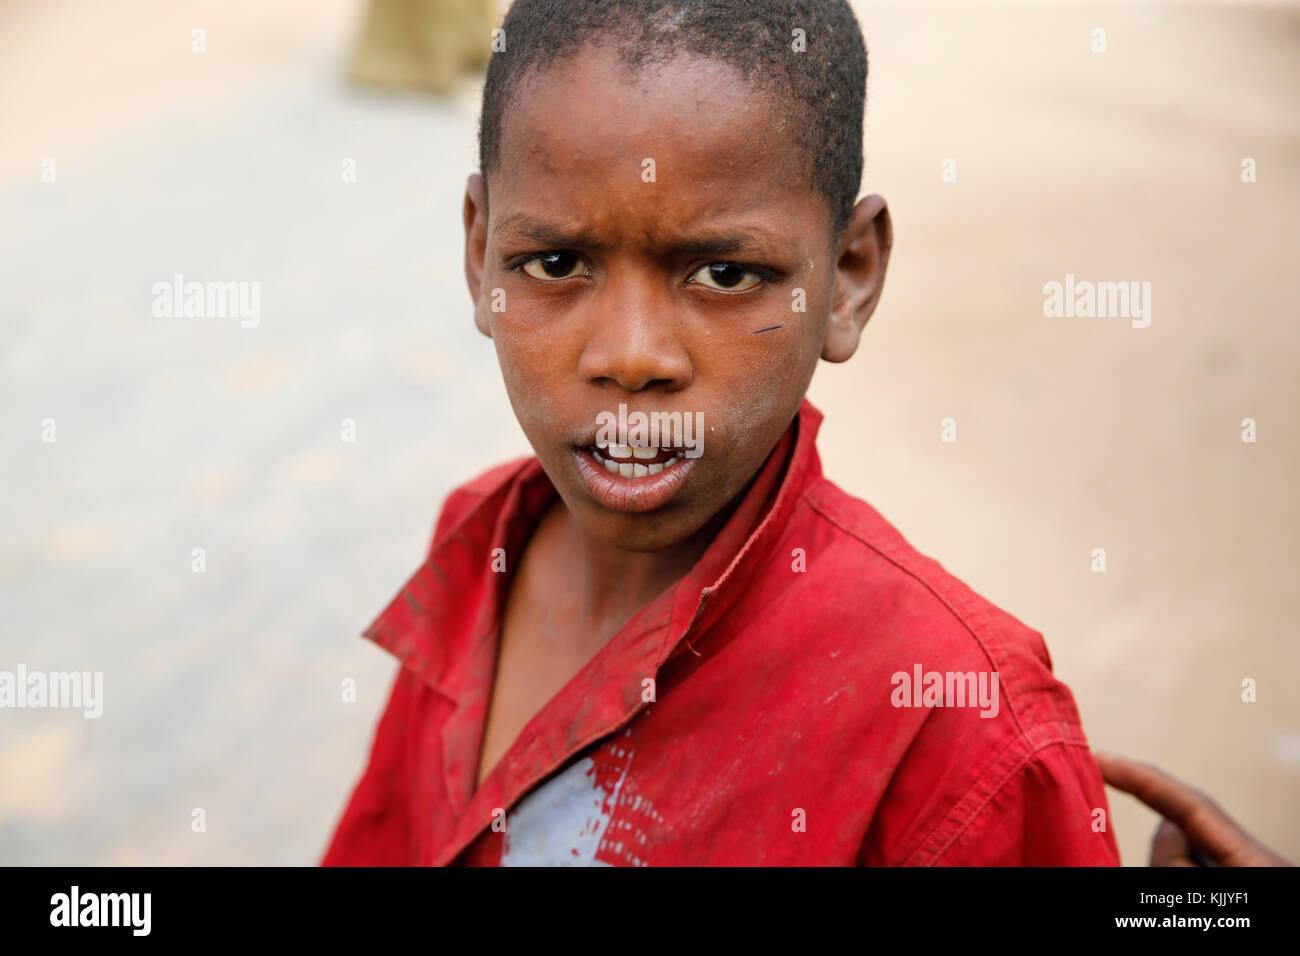 Chico senegalés. Senegal. Imagen De Stock